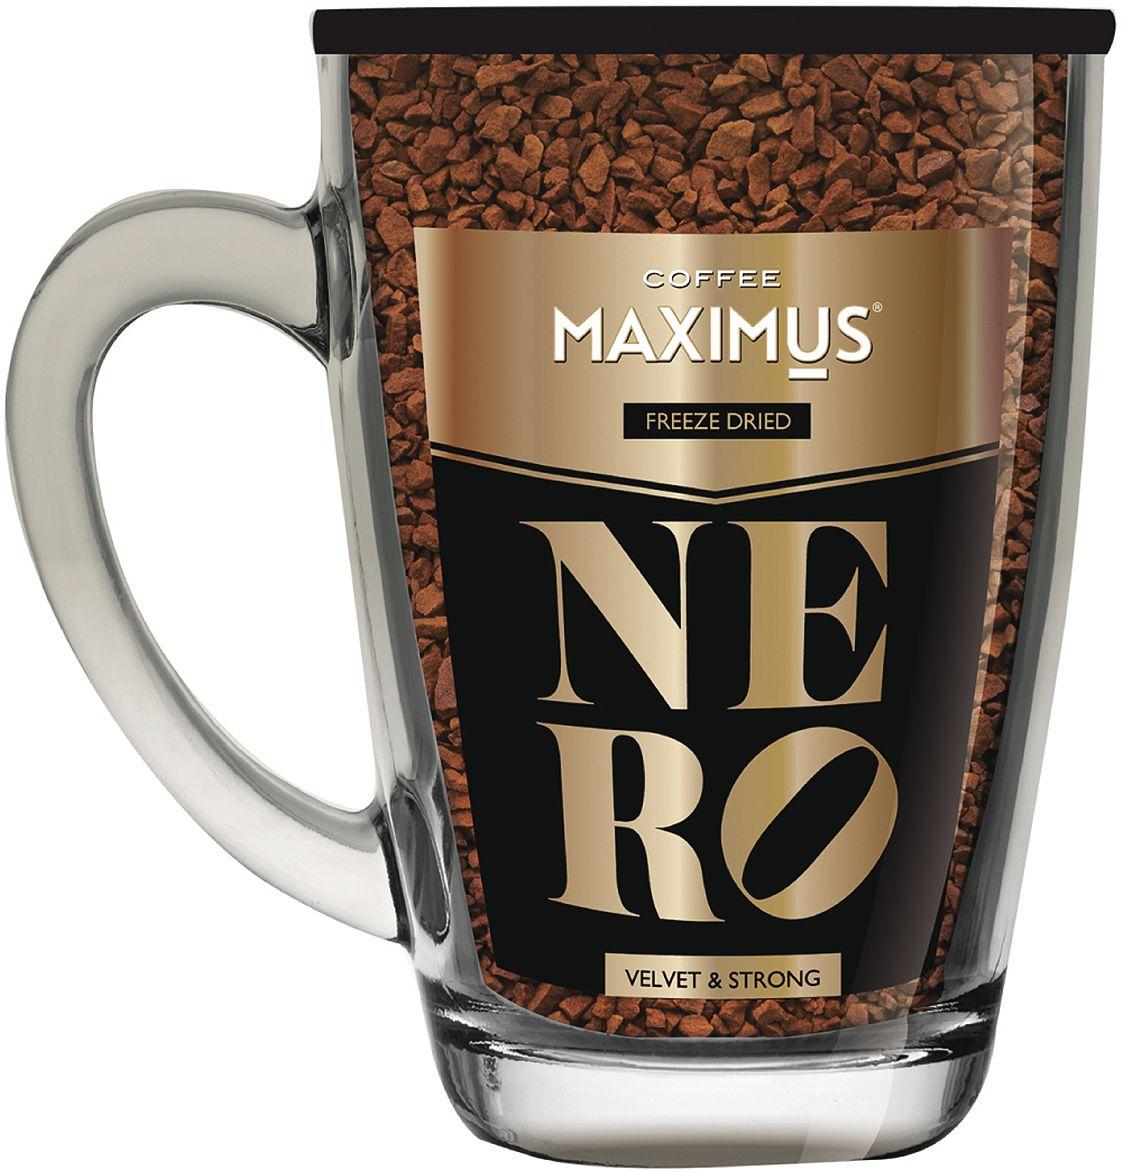 Maximus Nero кофе растворимый в стеклянной кружке, 70 г0120710Создан для тех, кто предпочитает крепкий кофе с богатым бархатным вкусом.